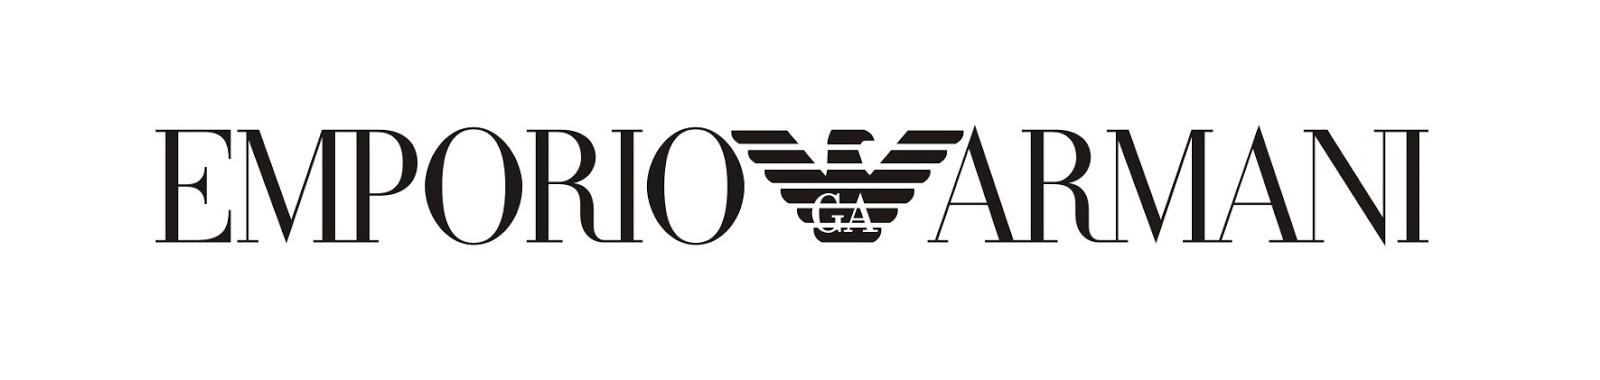 One Day Fashion Deals  - Emporio Armani